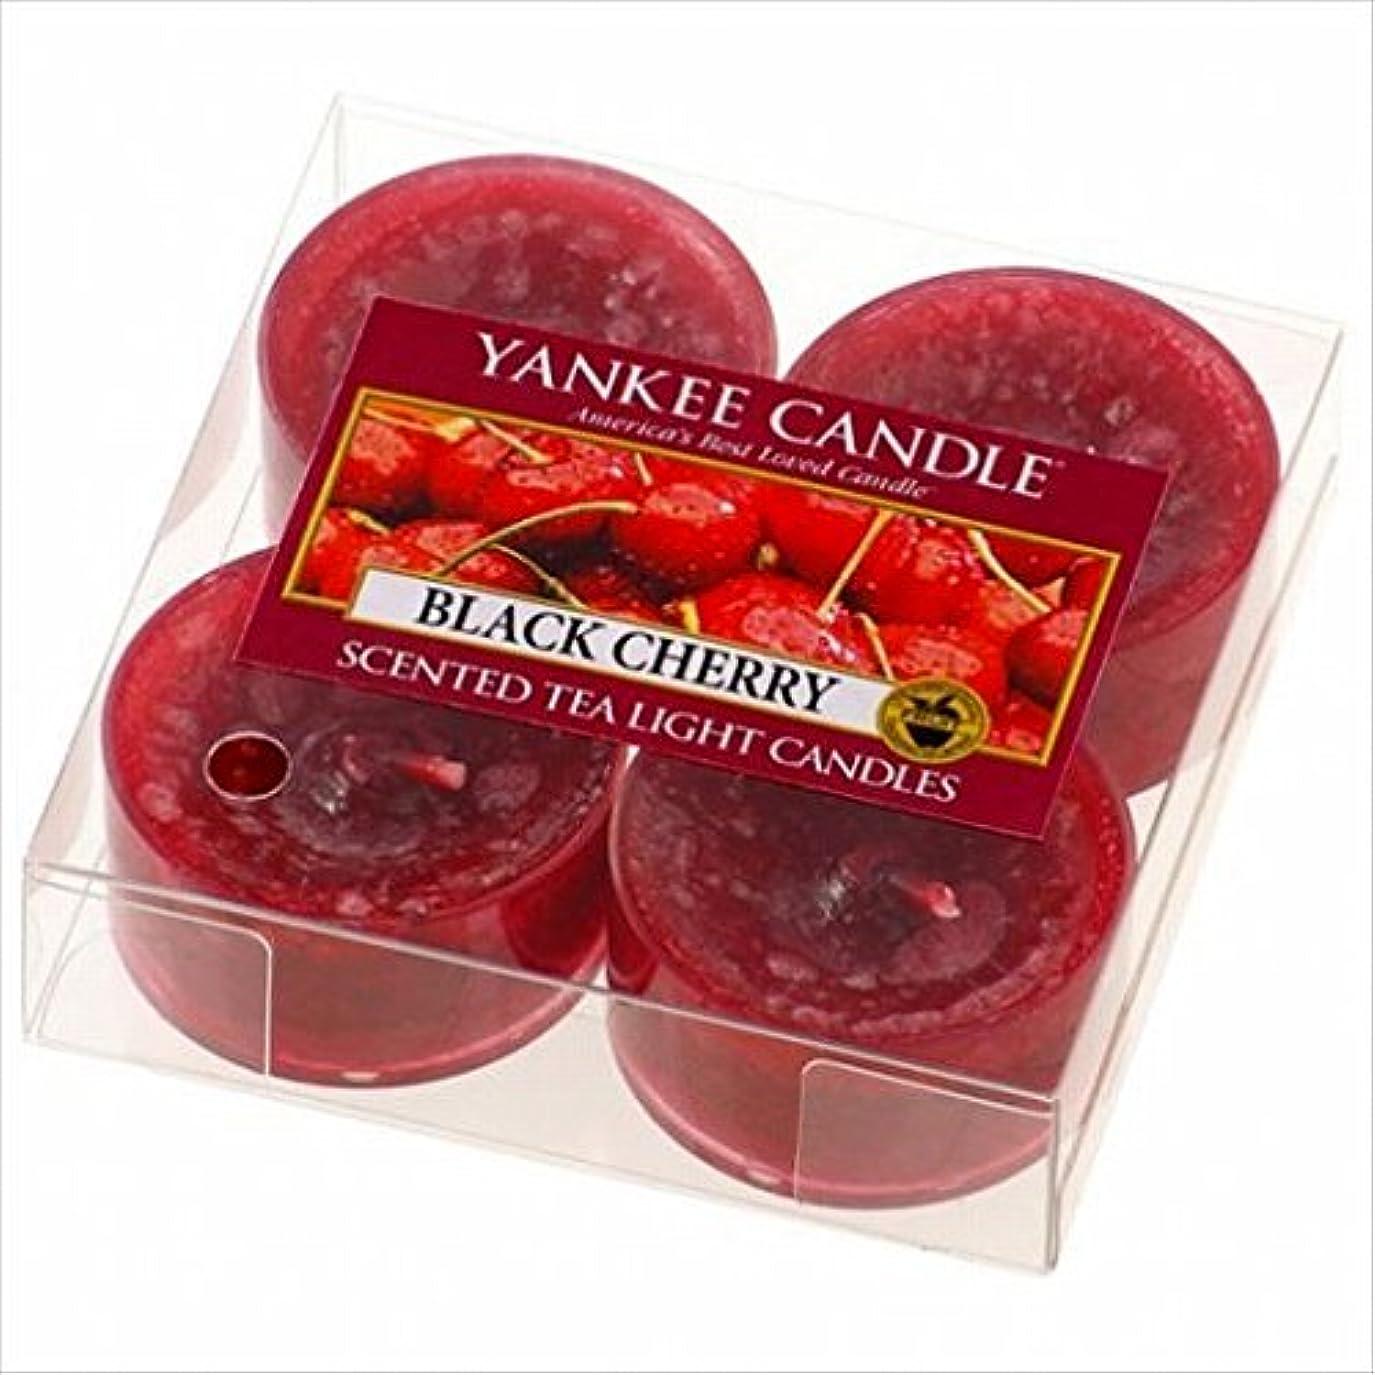 刈り取るポルノはしごヤンキーキャンドル( YANKEE CANDLE ) YANKEE CANDLE クリアカップティーライト4個入り 「 ブラックチェリー 」